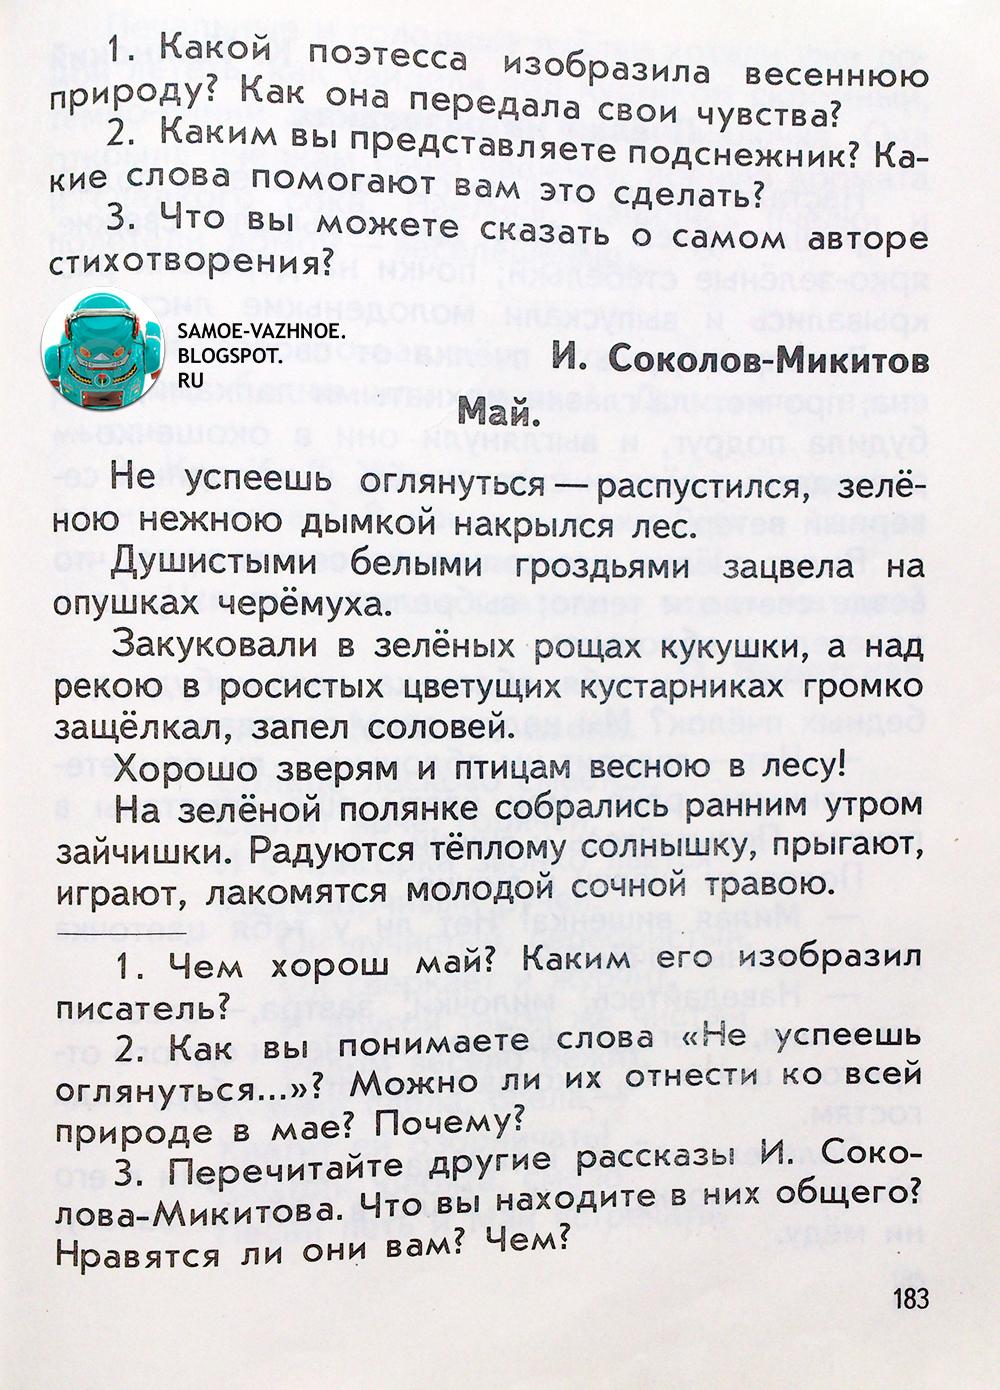 Советский школьный учебник читать онлайн. Школьный учебник СССР скан читать онлайн